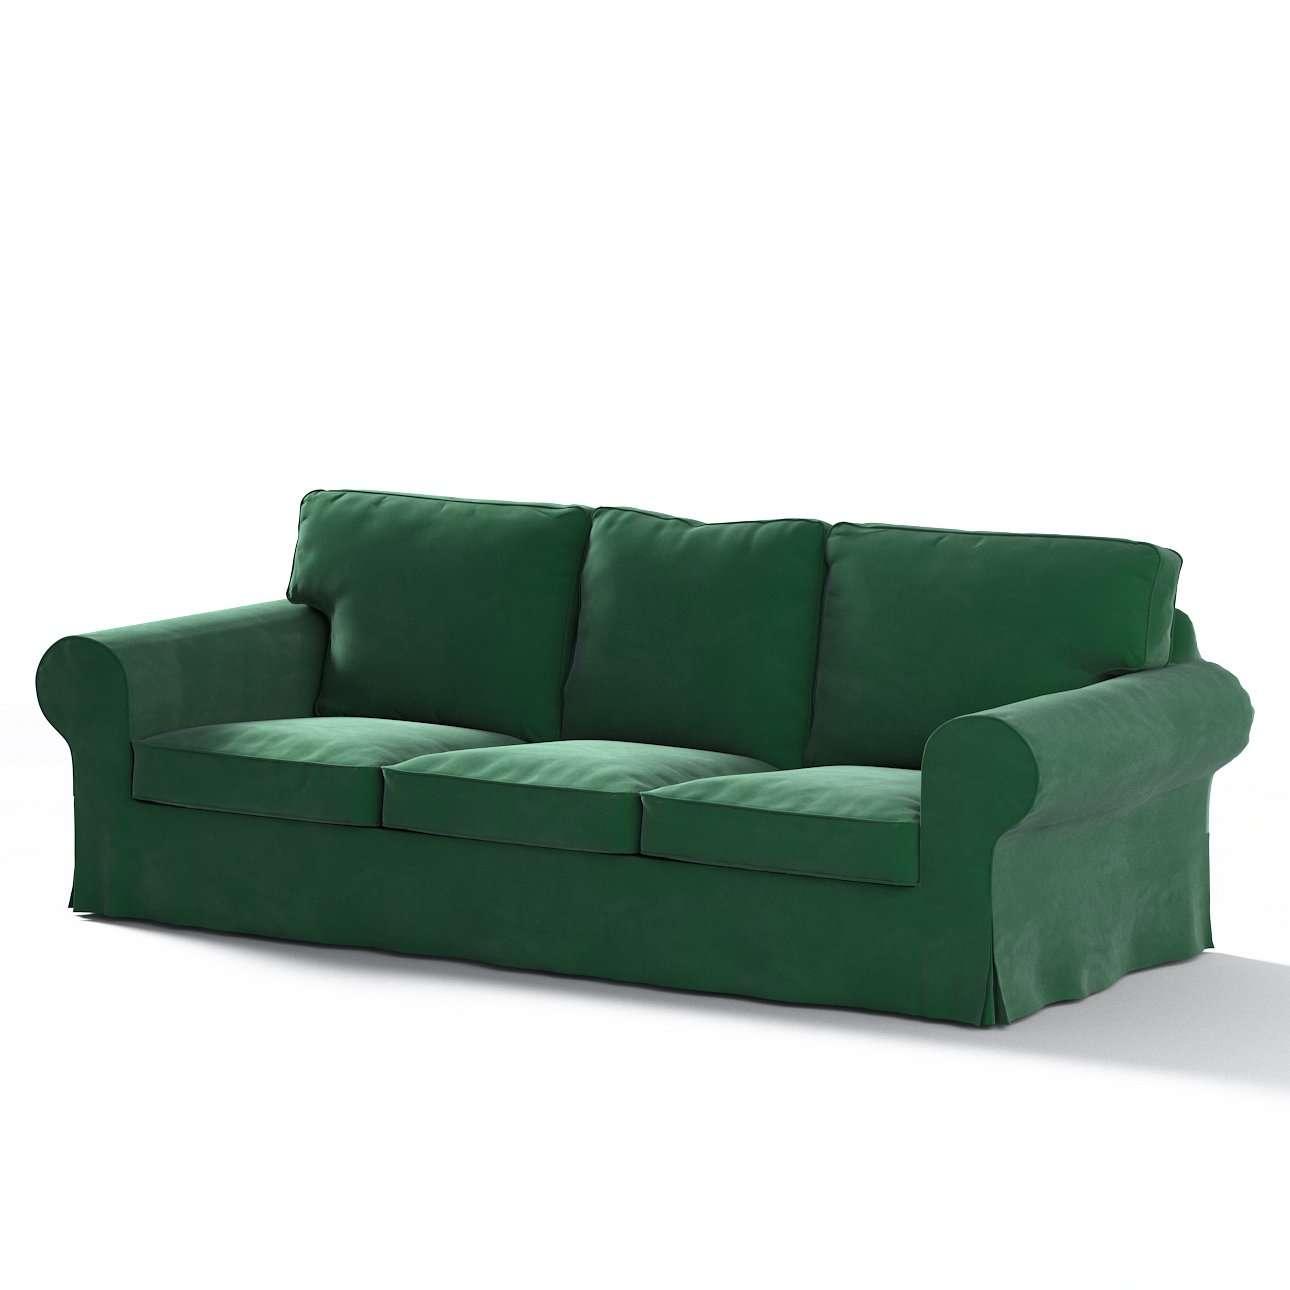 Pokrowiec na sofę Ektorp 3-osobową, rozkładaną, PIXBO w kolekcji Velvet, tkanina: 704-13